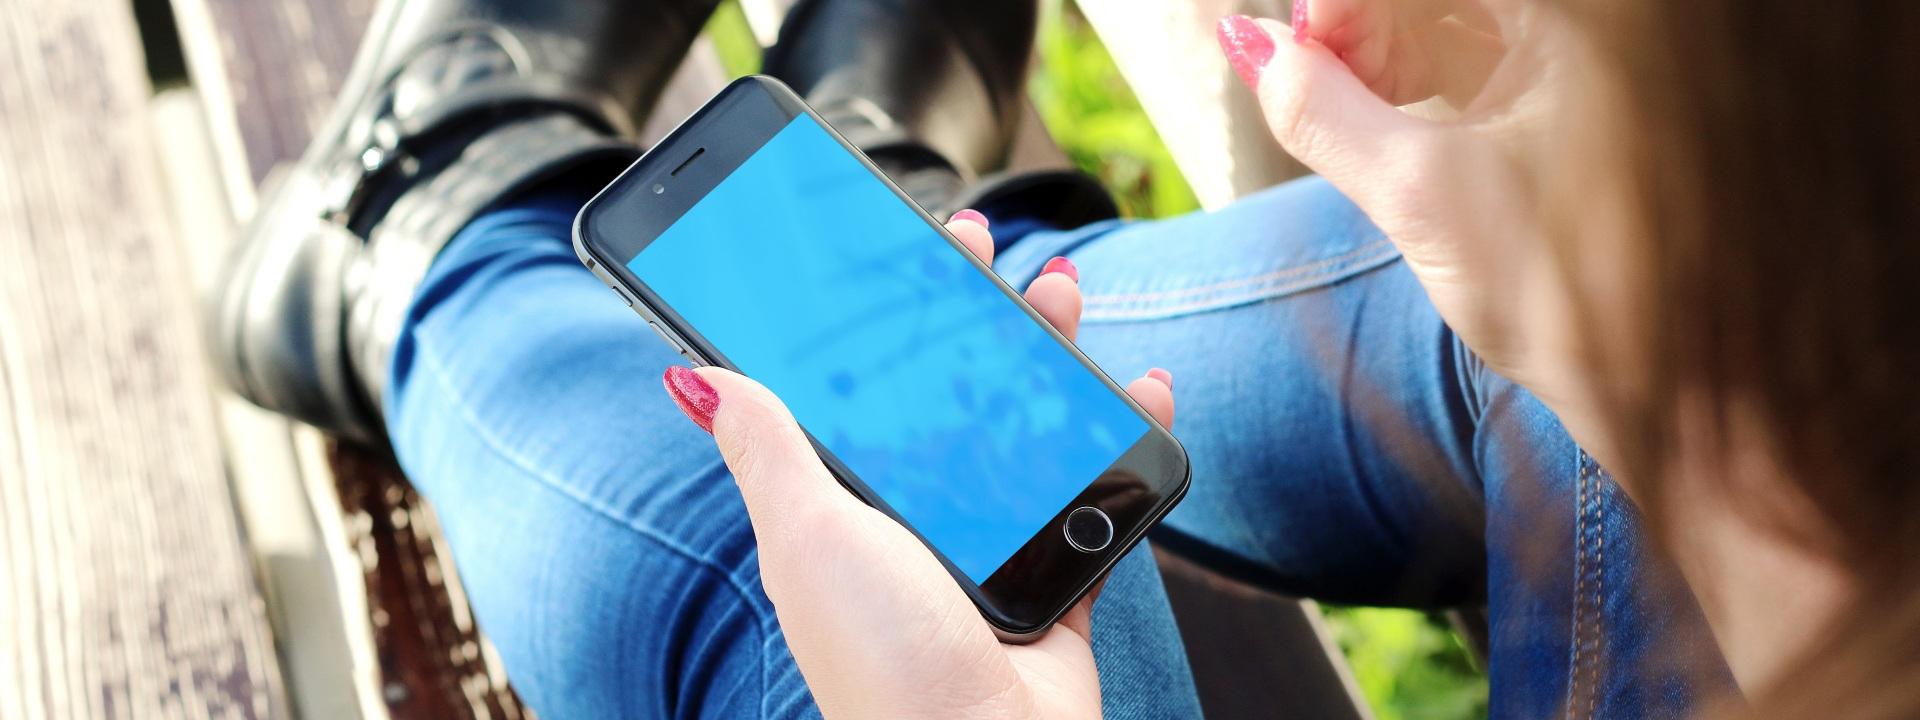 Naisella on älypuhelin kädessään.